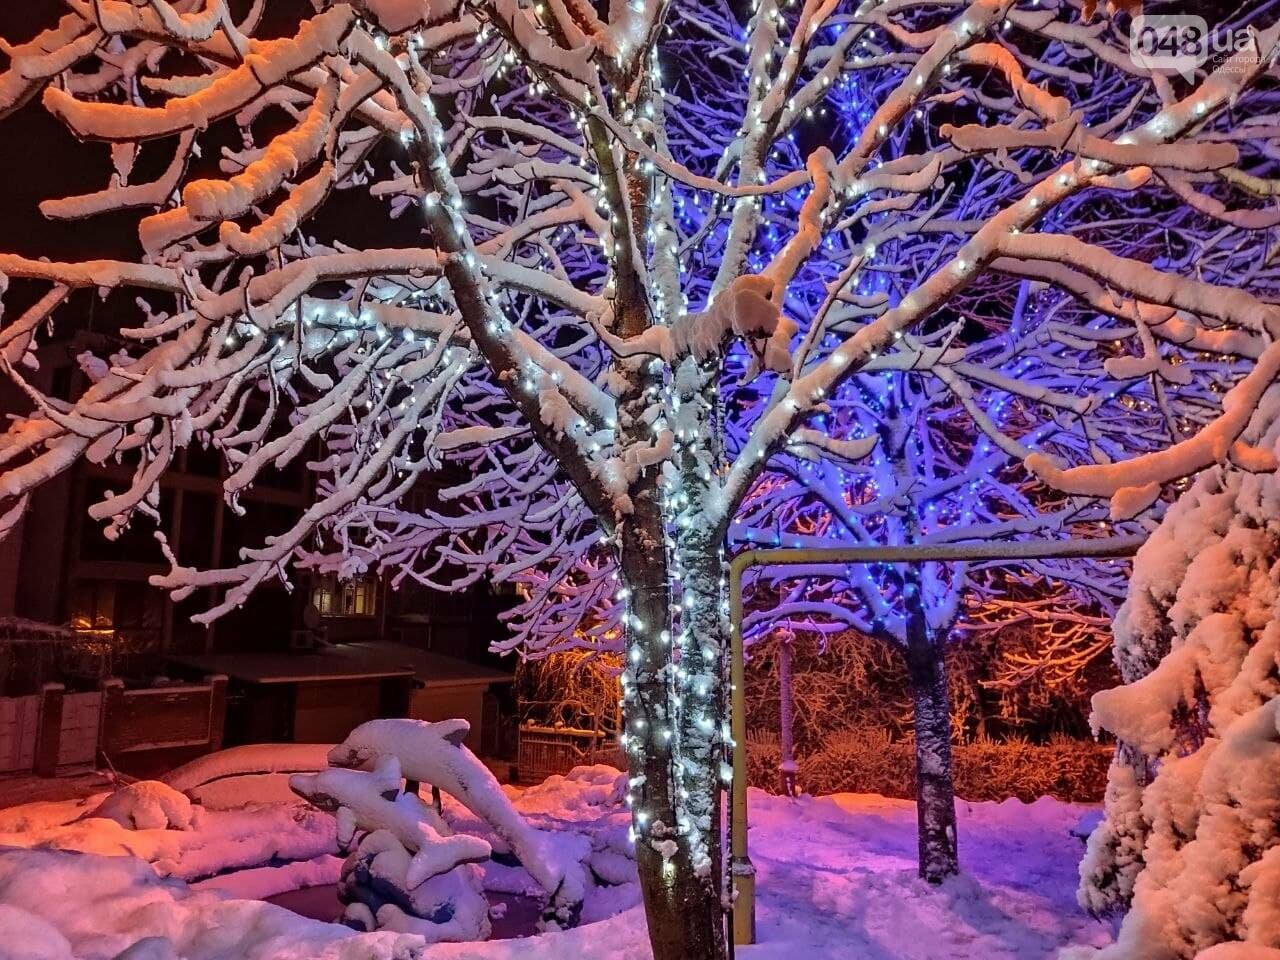 Зимняя сказка на одесской Рублевке: как выглядит Совиньон в снегу, - ФОТОРЕПОРТАЖ, фото-19